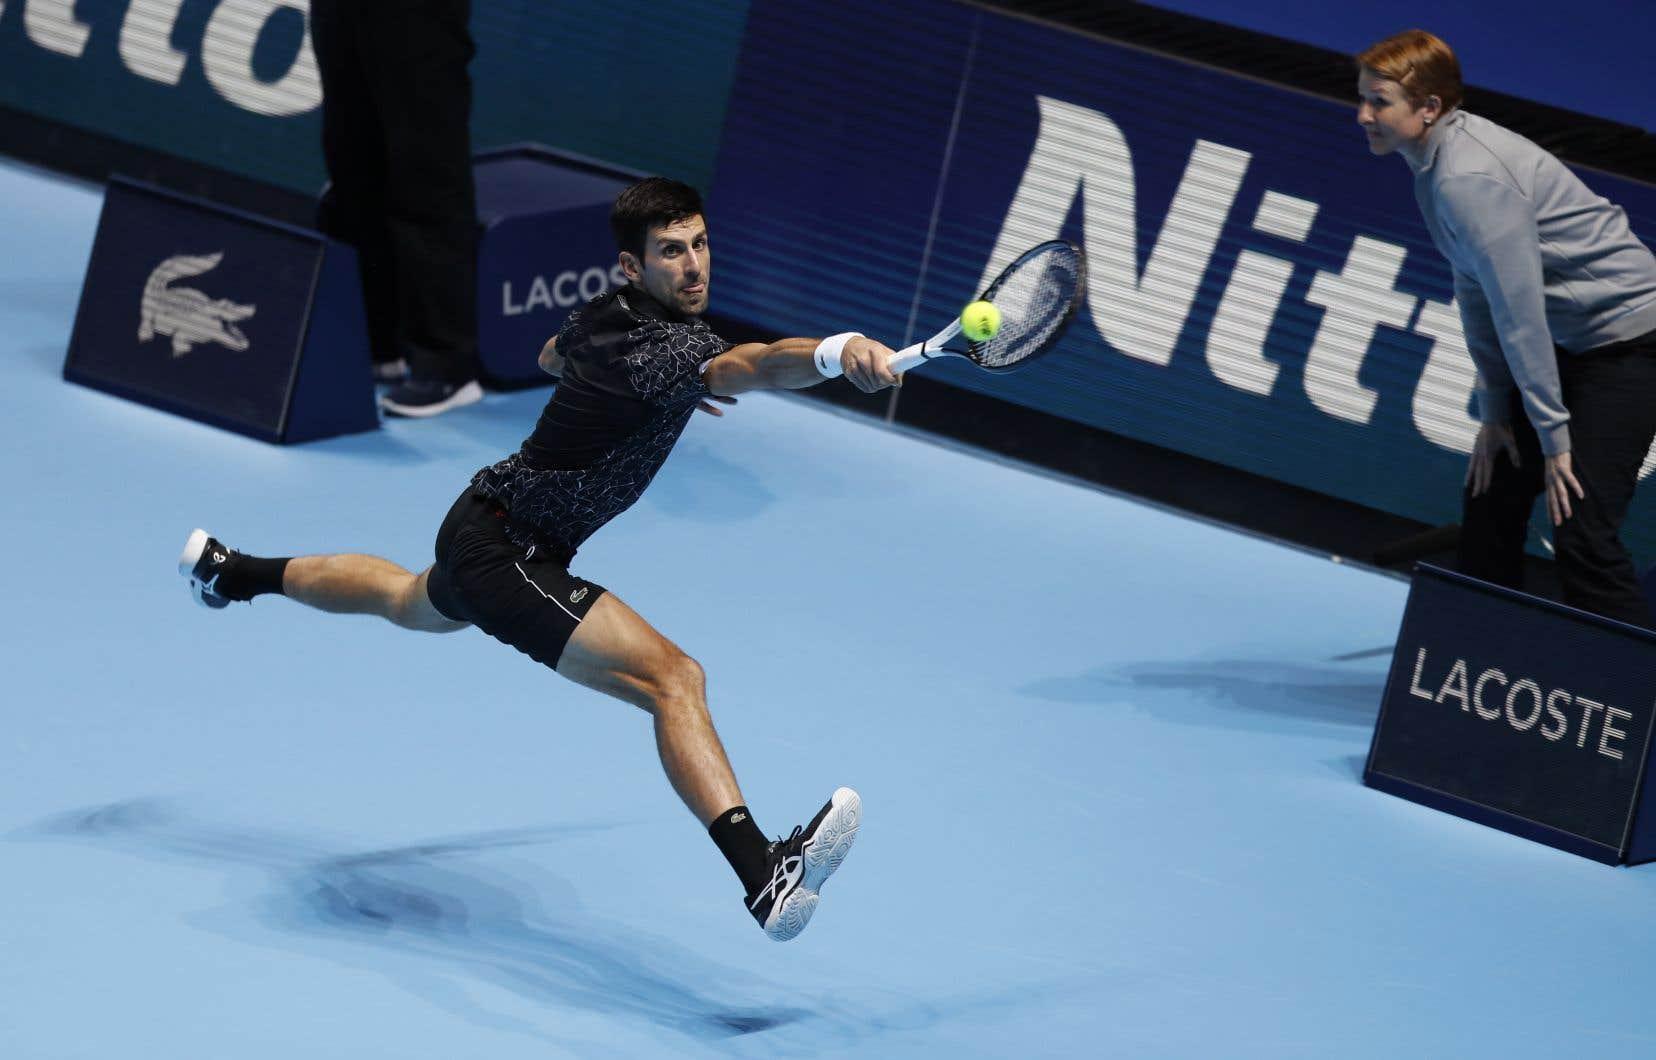 Le vétéran âgé de 31ans a mis un terme à une séquence de deux ans sans titre du Grand Chelem en remportant le tournoi de Wimbledon en juillet.